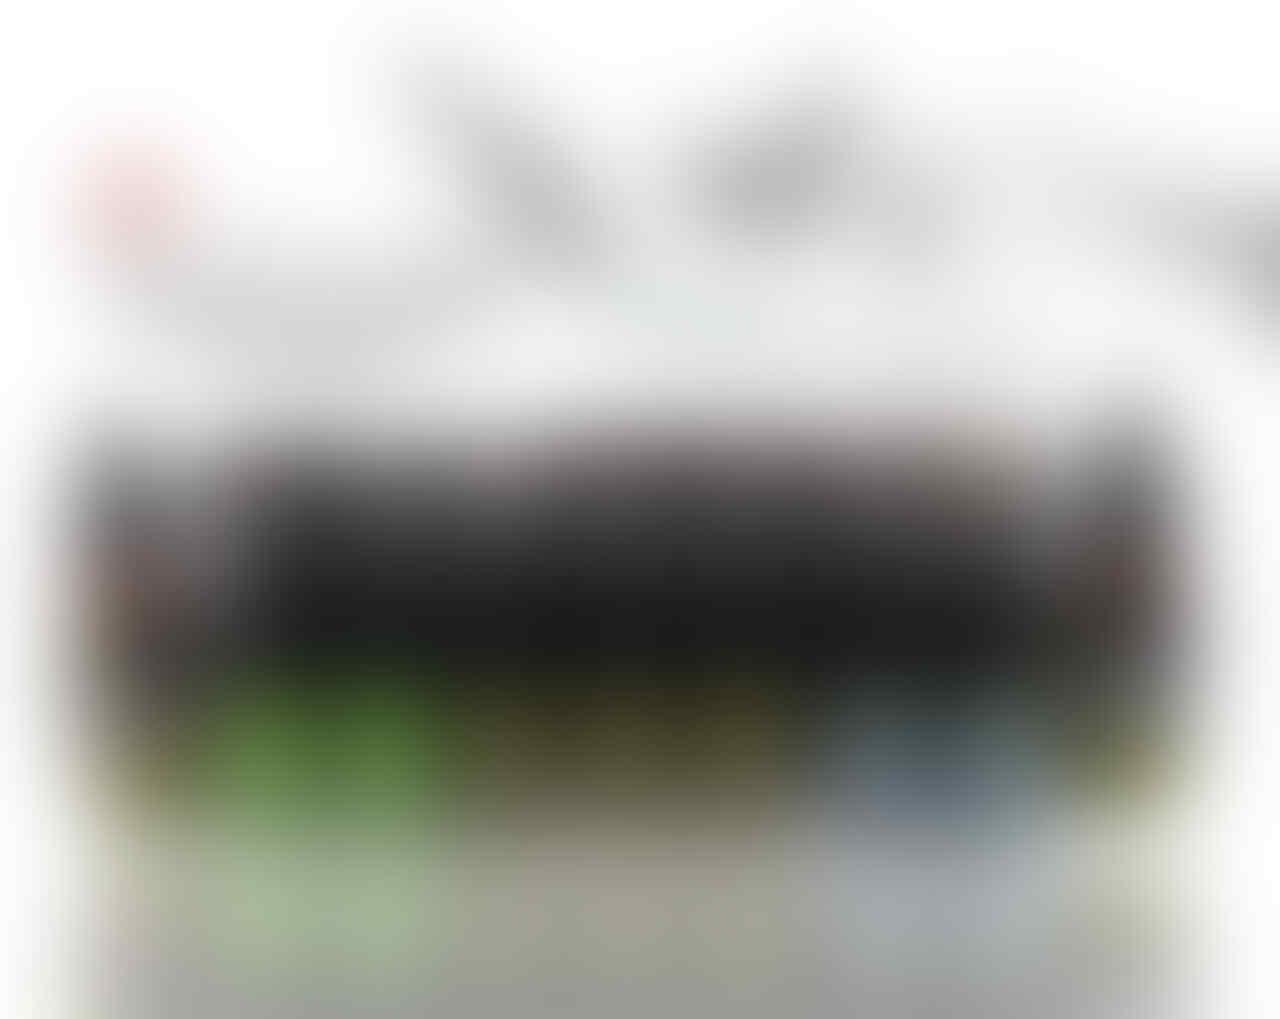 BIG FOG THE 1ST PREMIUM E-LIQUID IN INDONESIA